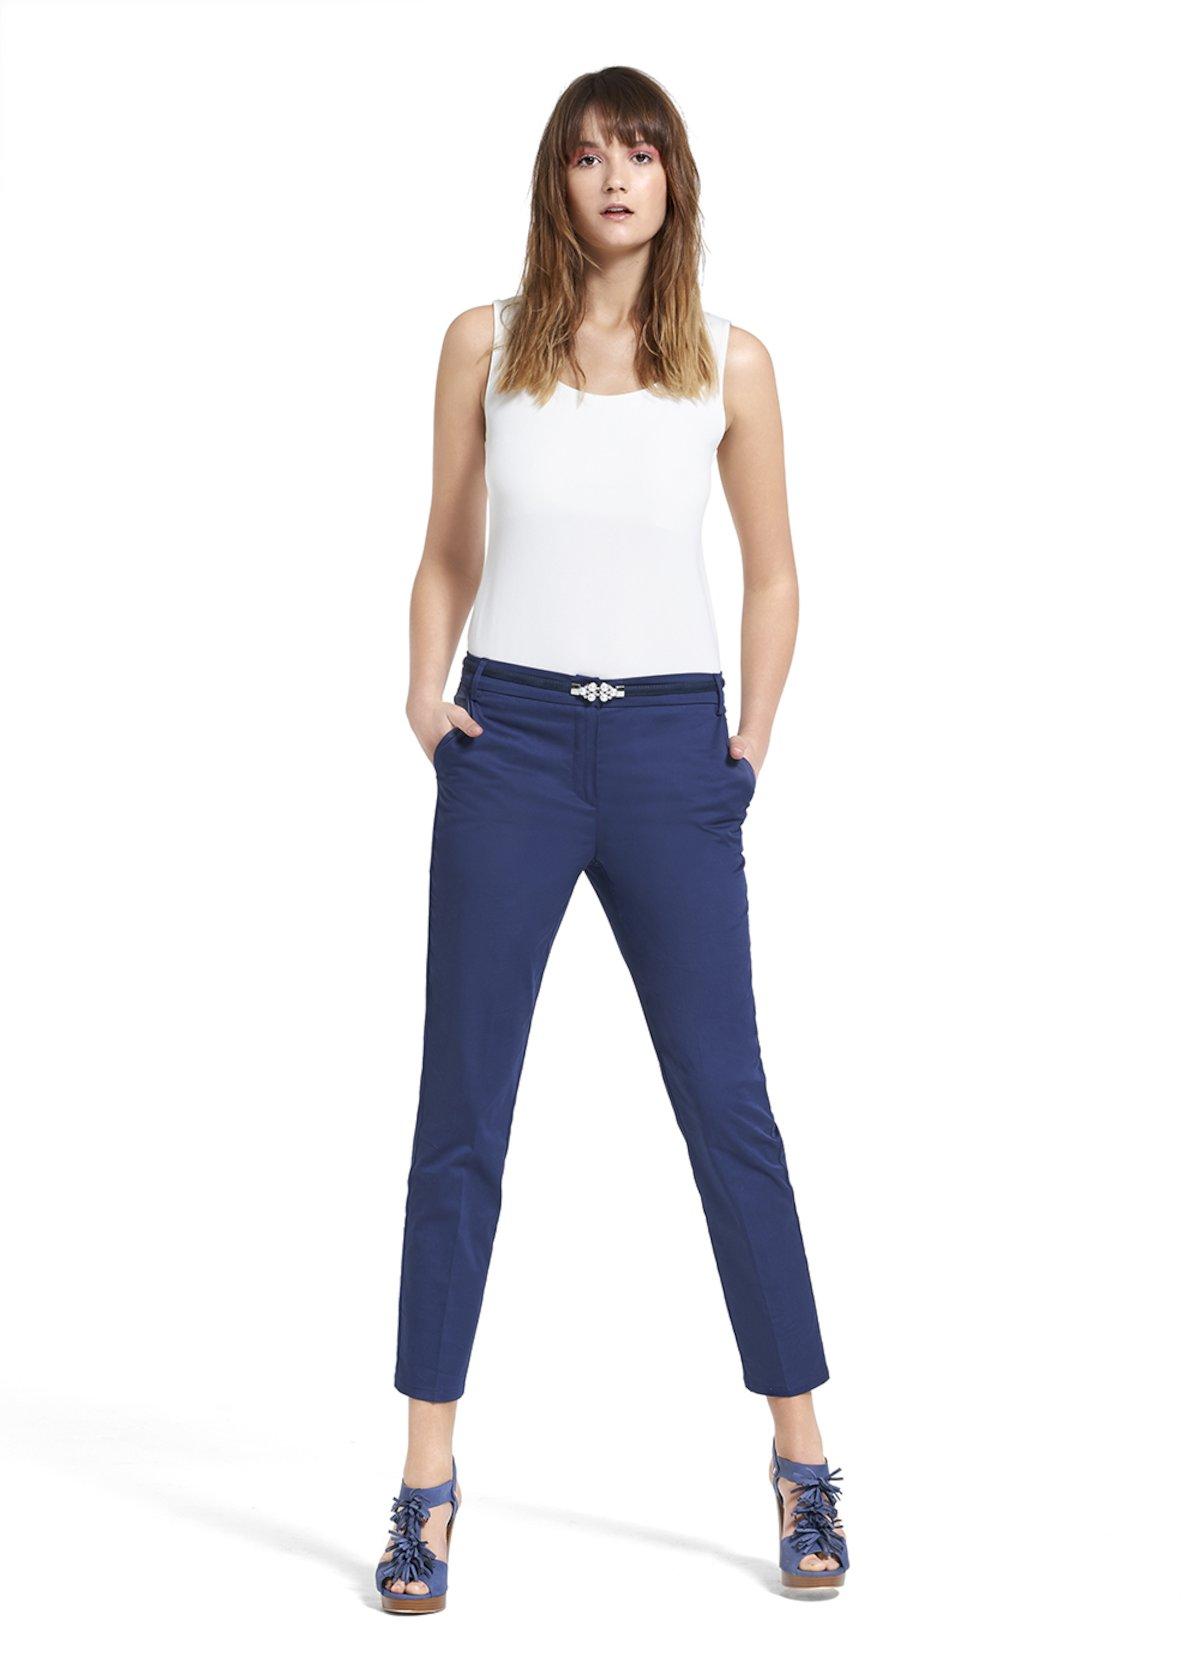 Pants Patric hunter model - Medium Blue - Woman